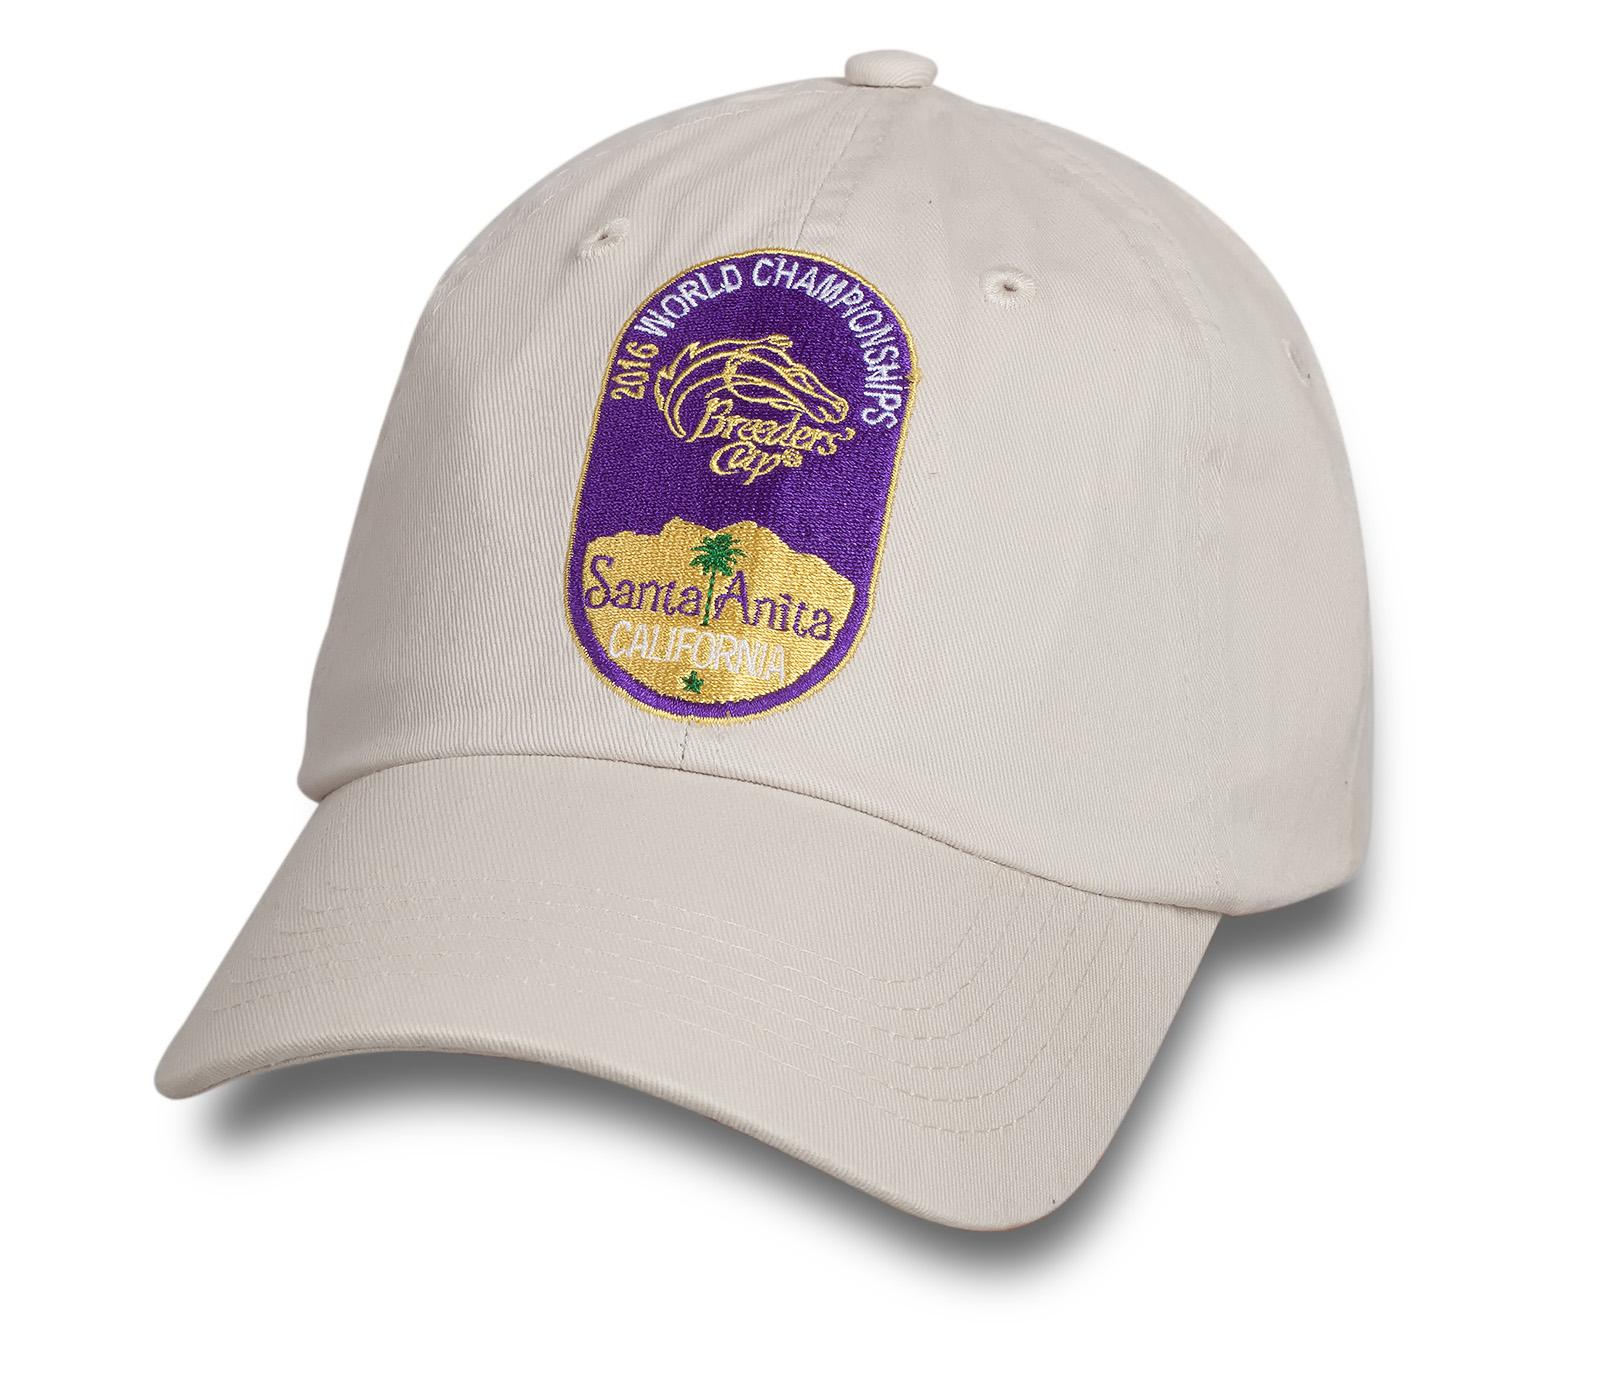 Хлопковая бейсболка от BREEDERS CAP